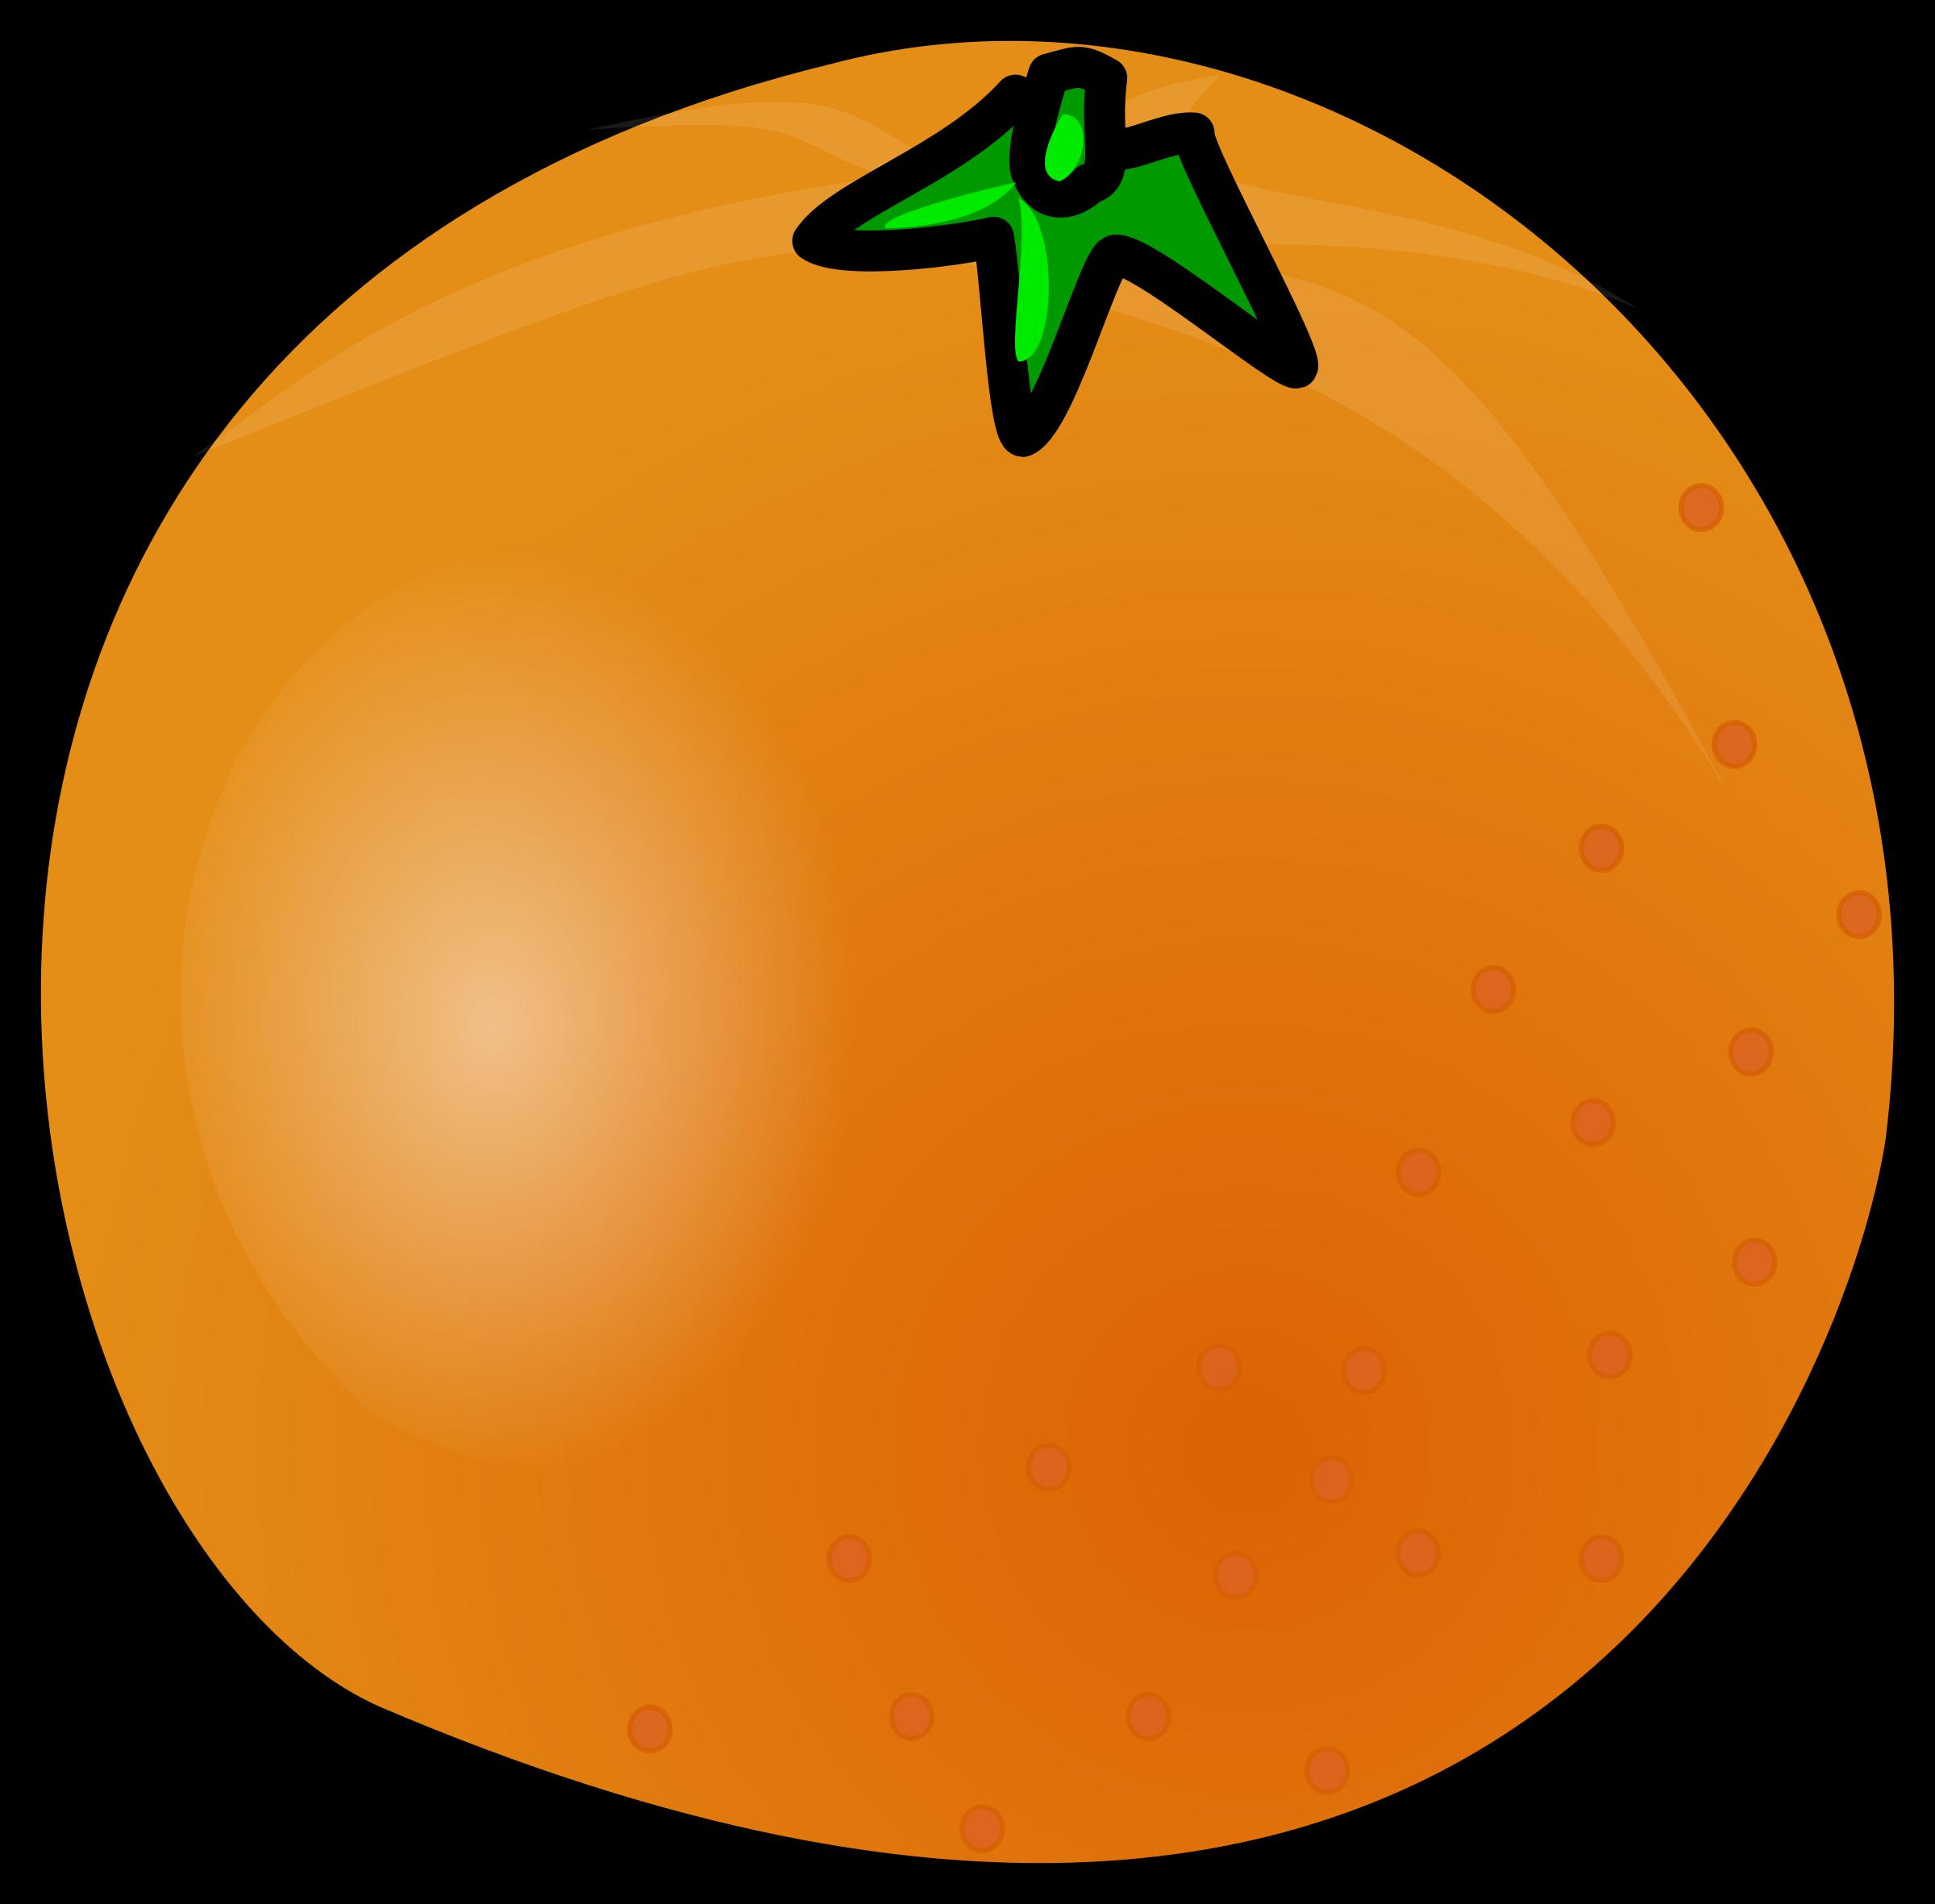 Orange (Fruit) clipart big orange Orange Clipart Orange